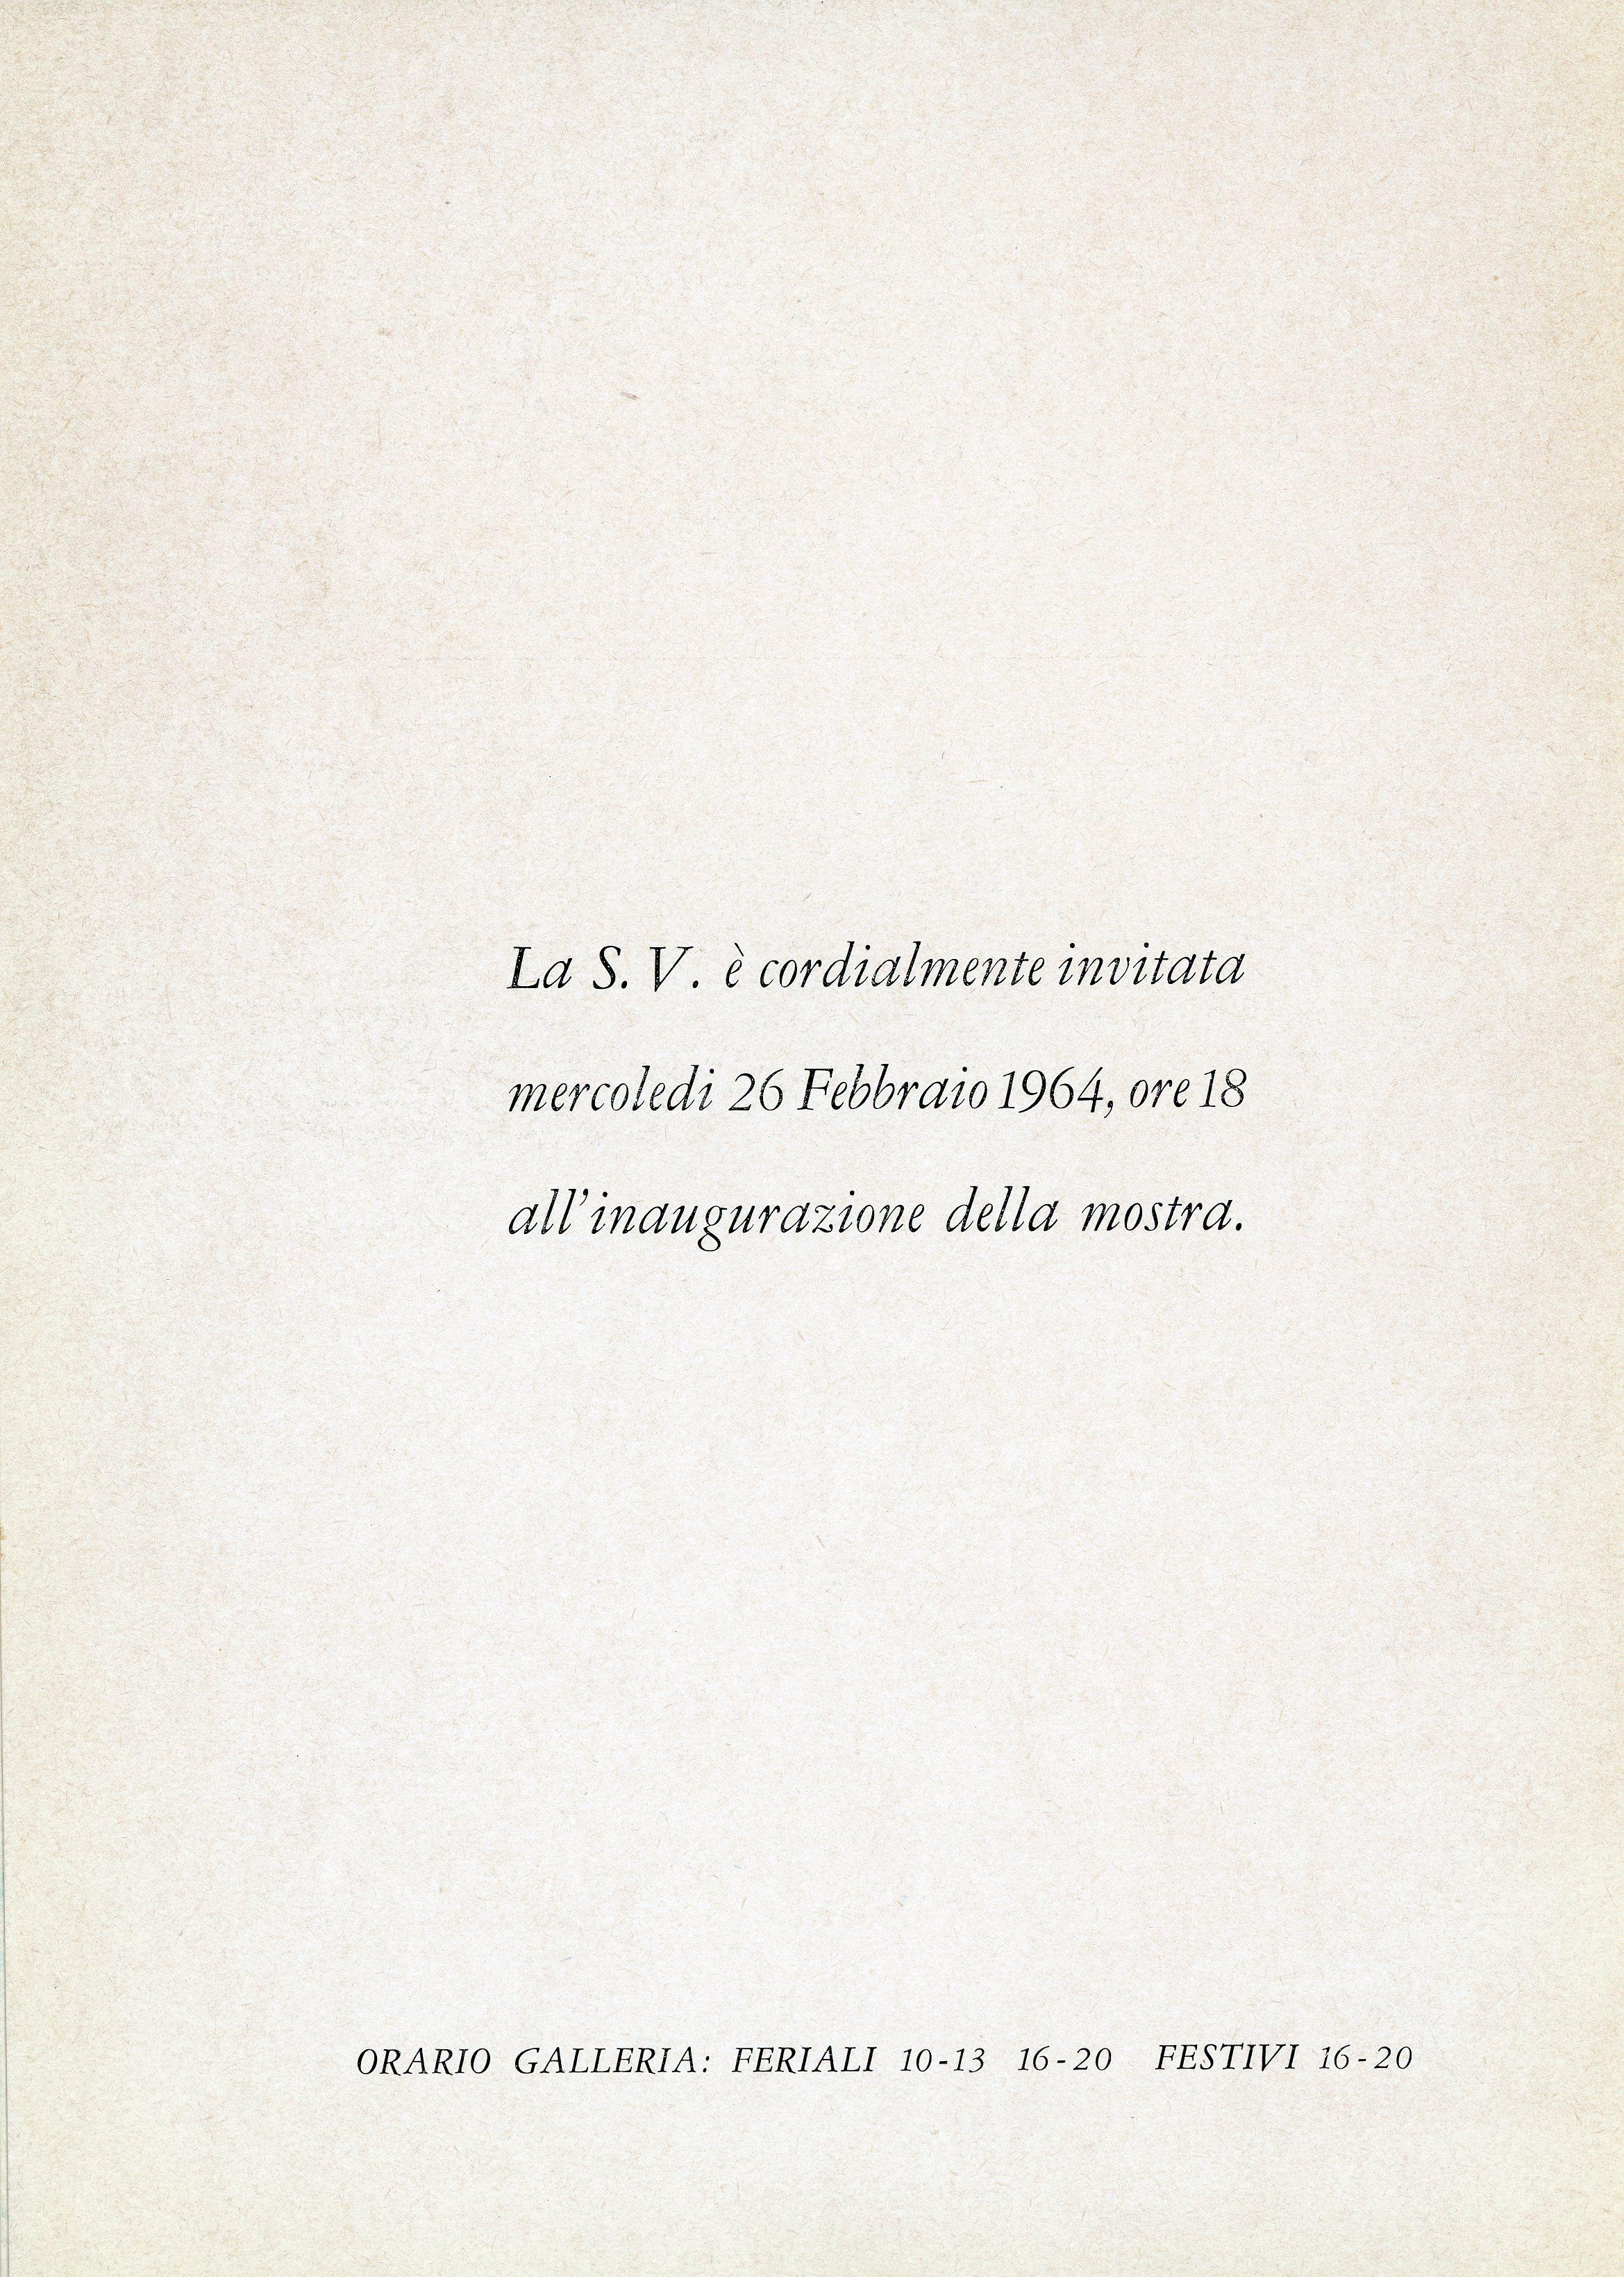 1964-02 Galleria 32 - Bruno Caruso_02.jpg